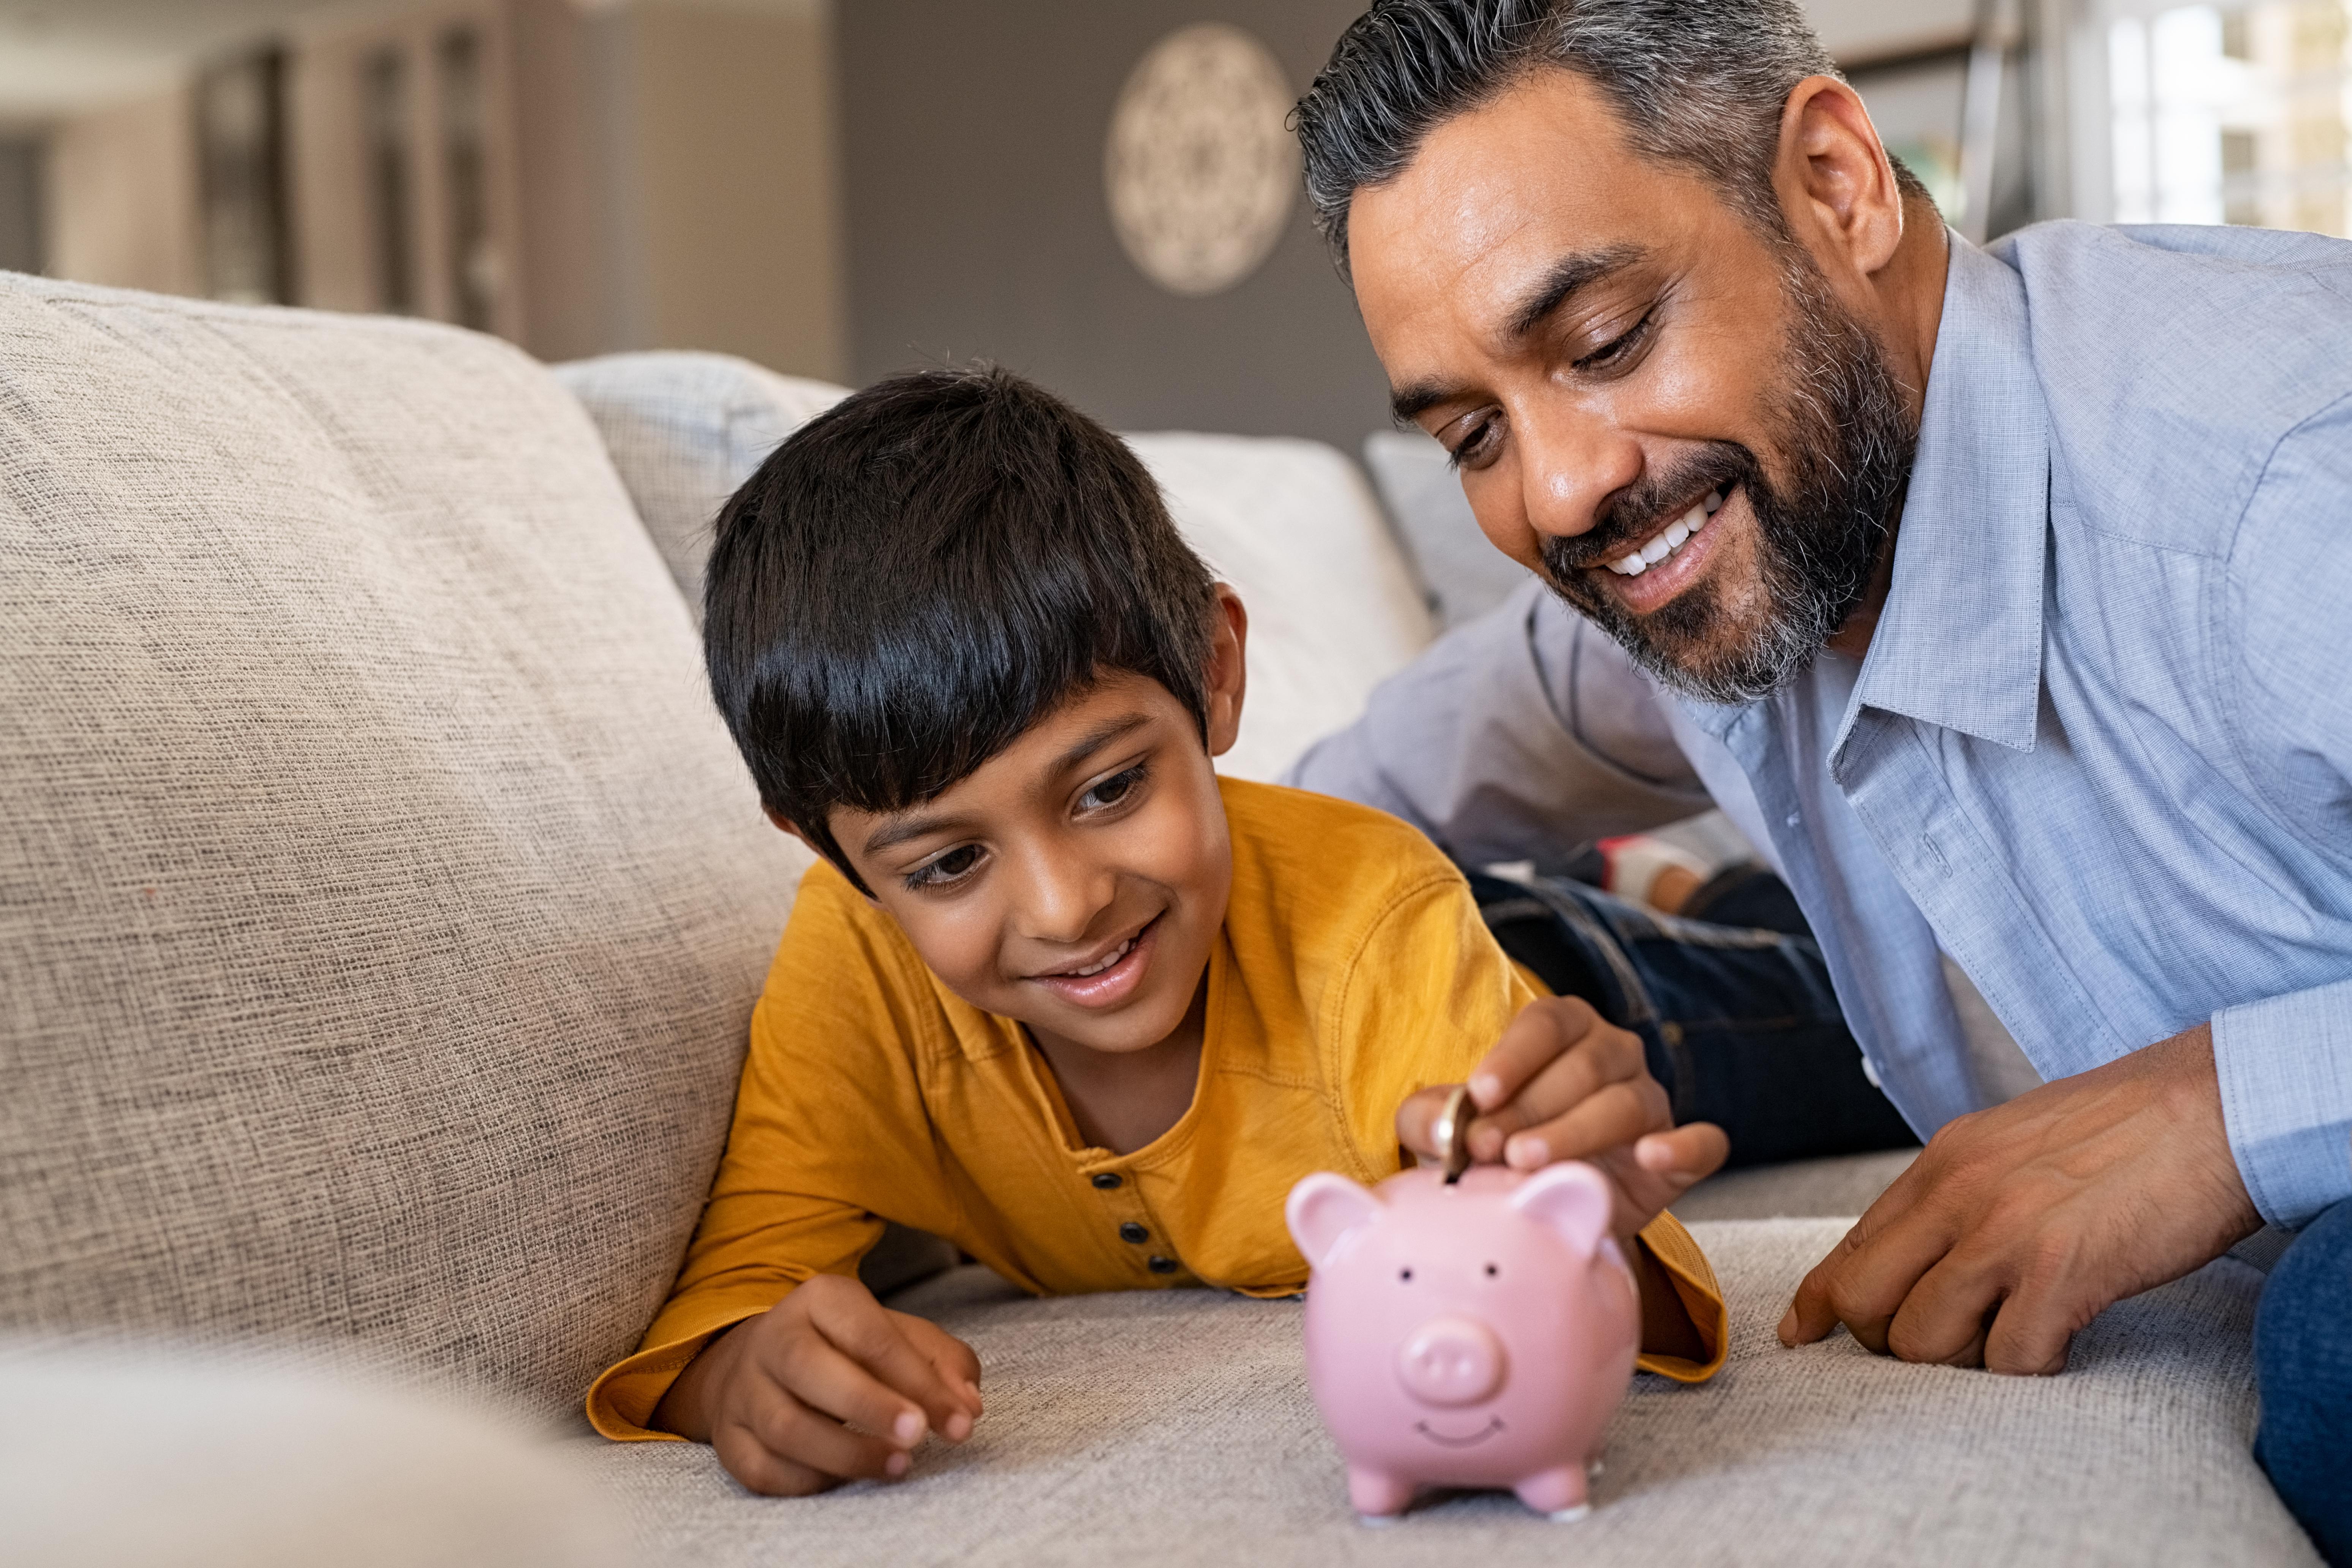 Matéria MBD - Dia dos Pais - Garoto latino economizando dinheiro em cofrinho -palavras-chaves:República da África do Sul, Criança, Poupança, Moeda Corrente, Finanças